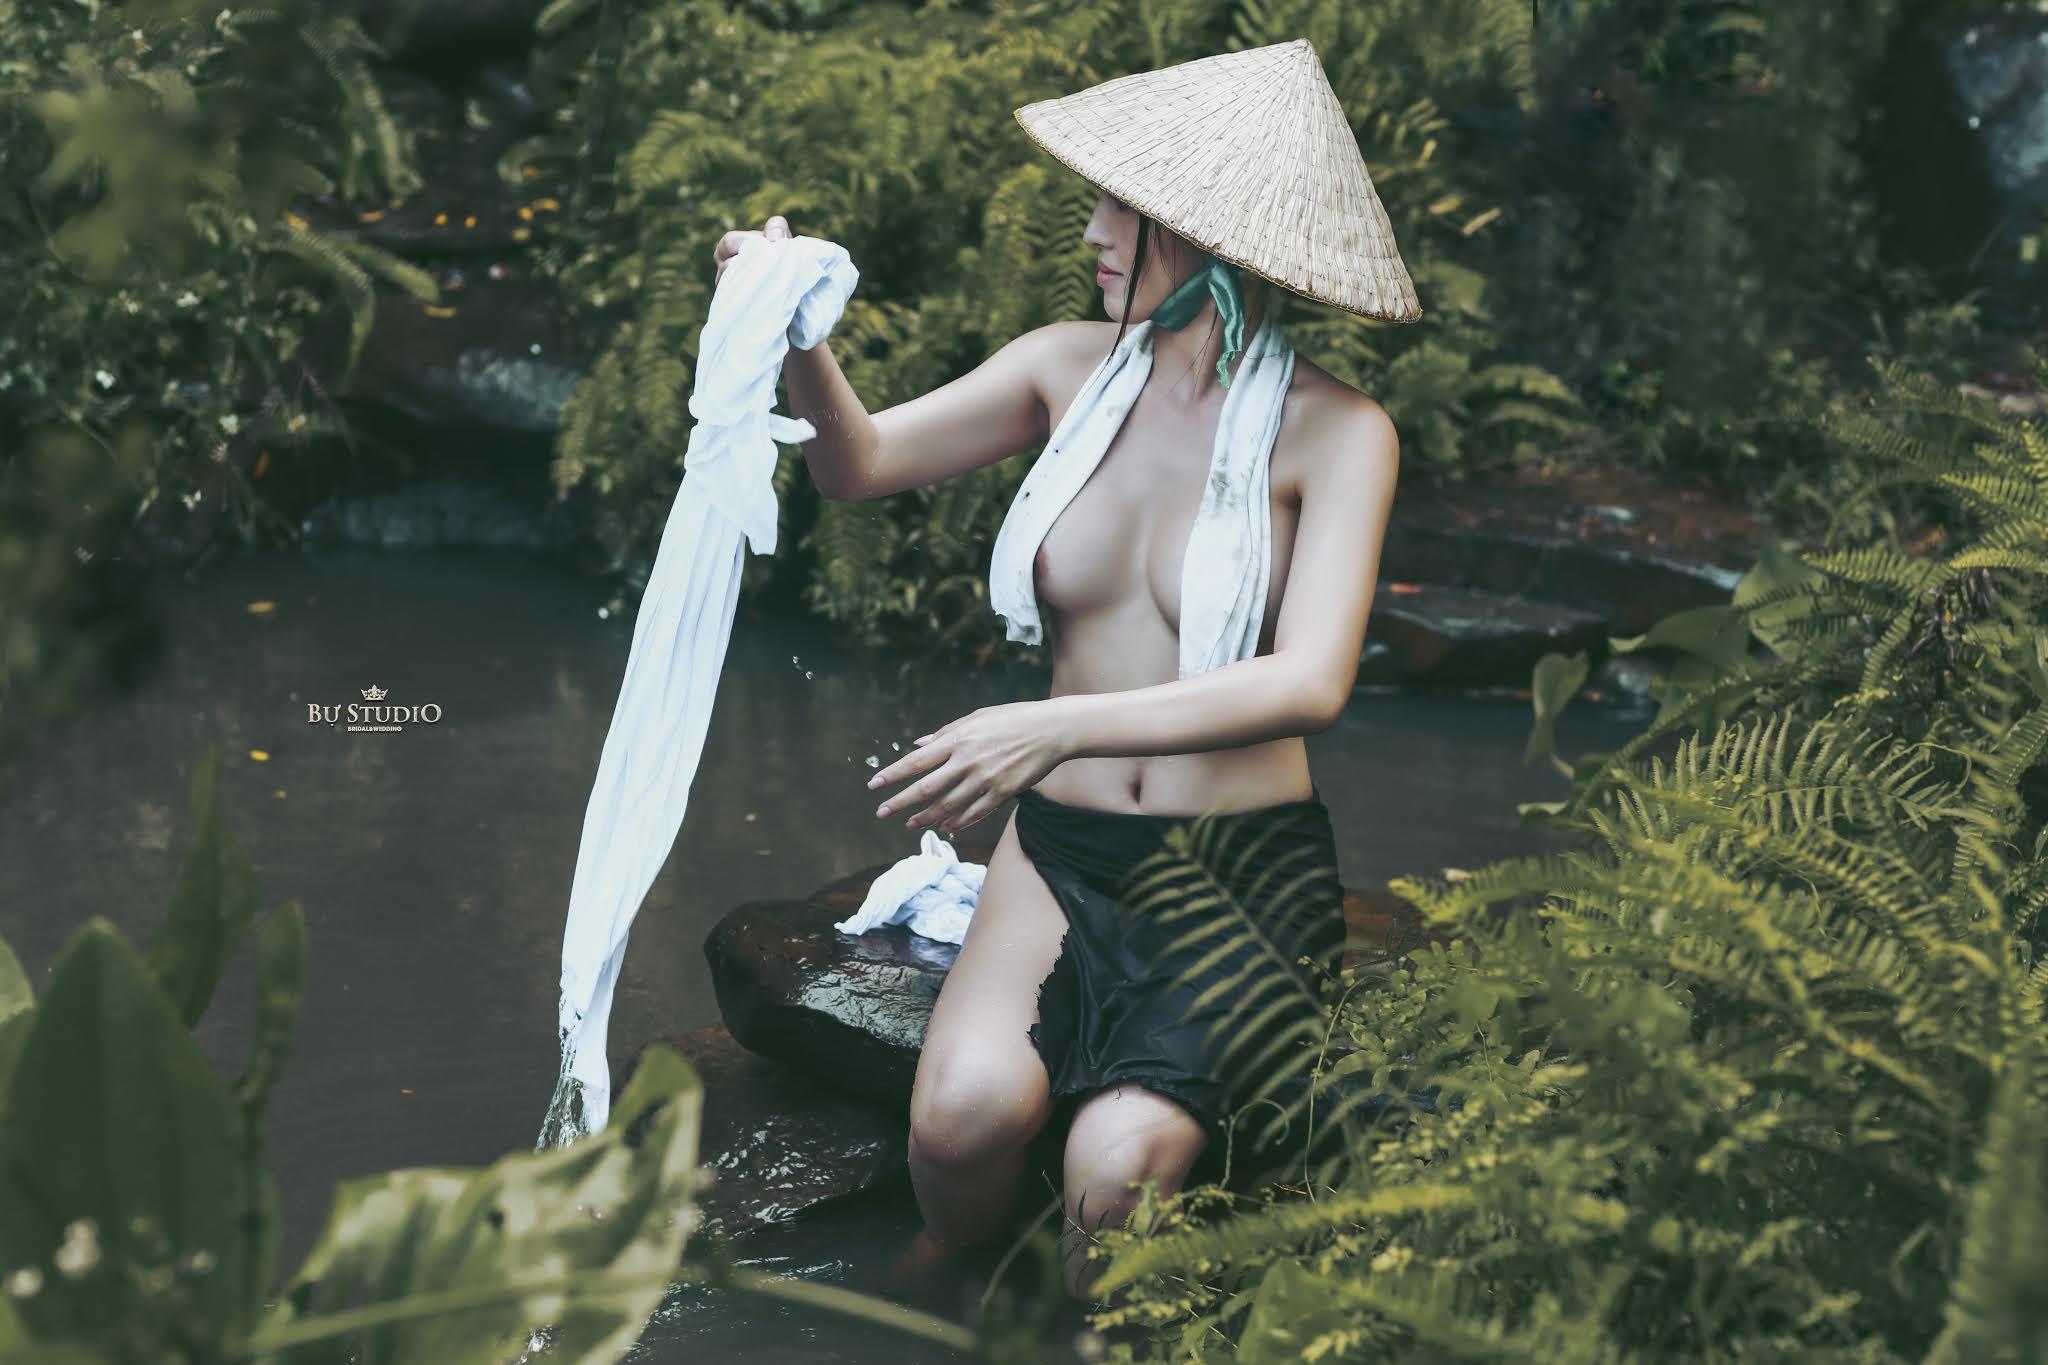 Thư Dung – Cô sơn nữ lạc giữa cánh rừng xanh